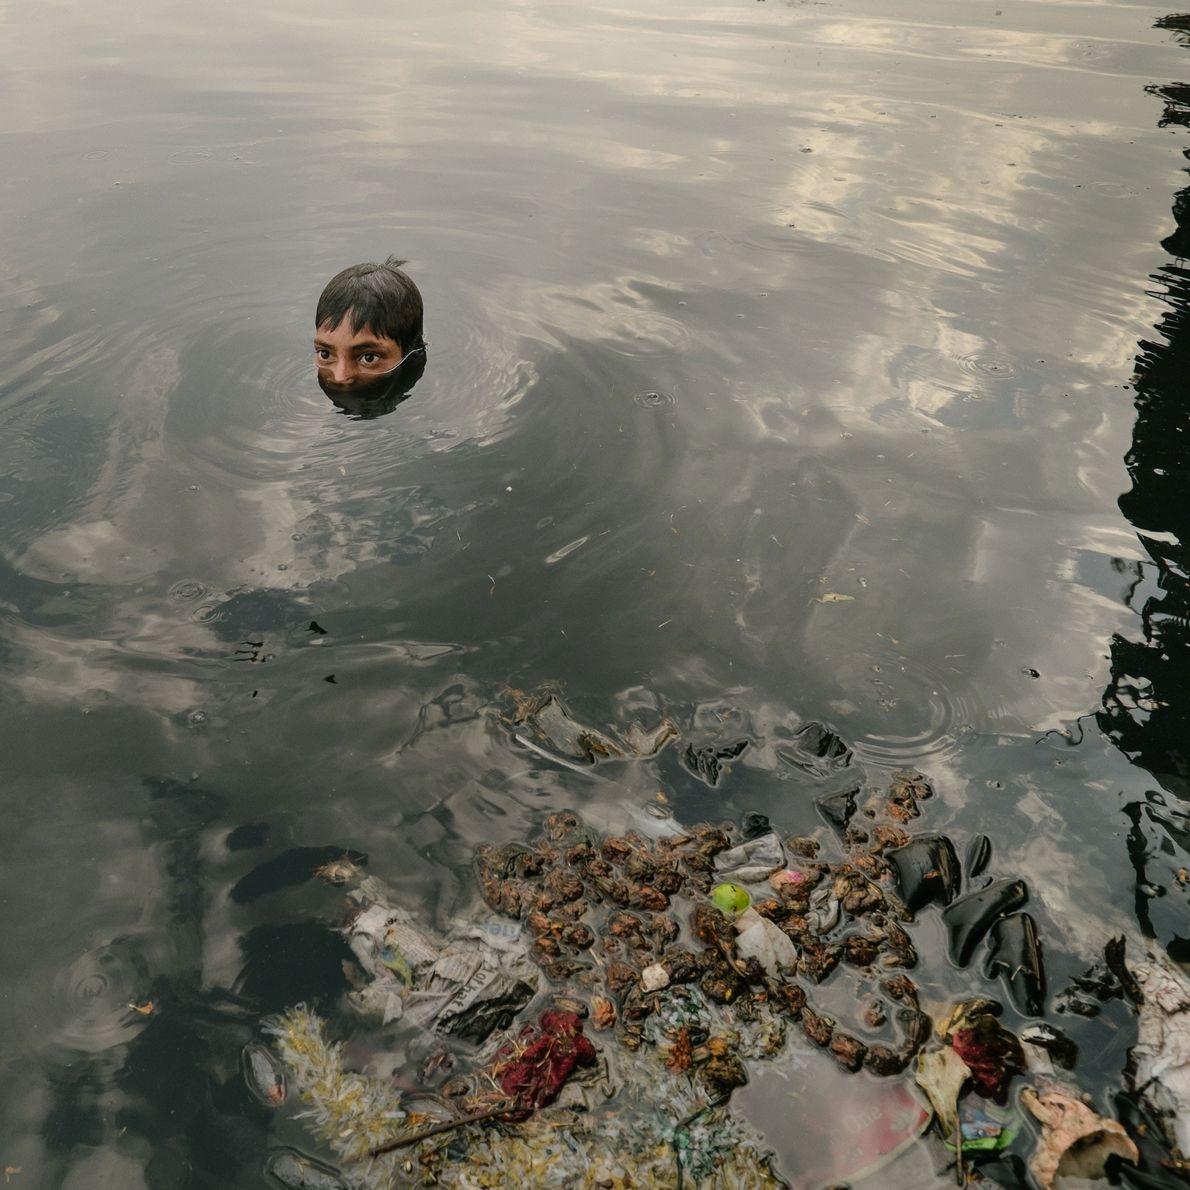 Crianças, que vivem debaixo da antiga Ponte de Ferro, vasculham o lixo.